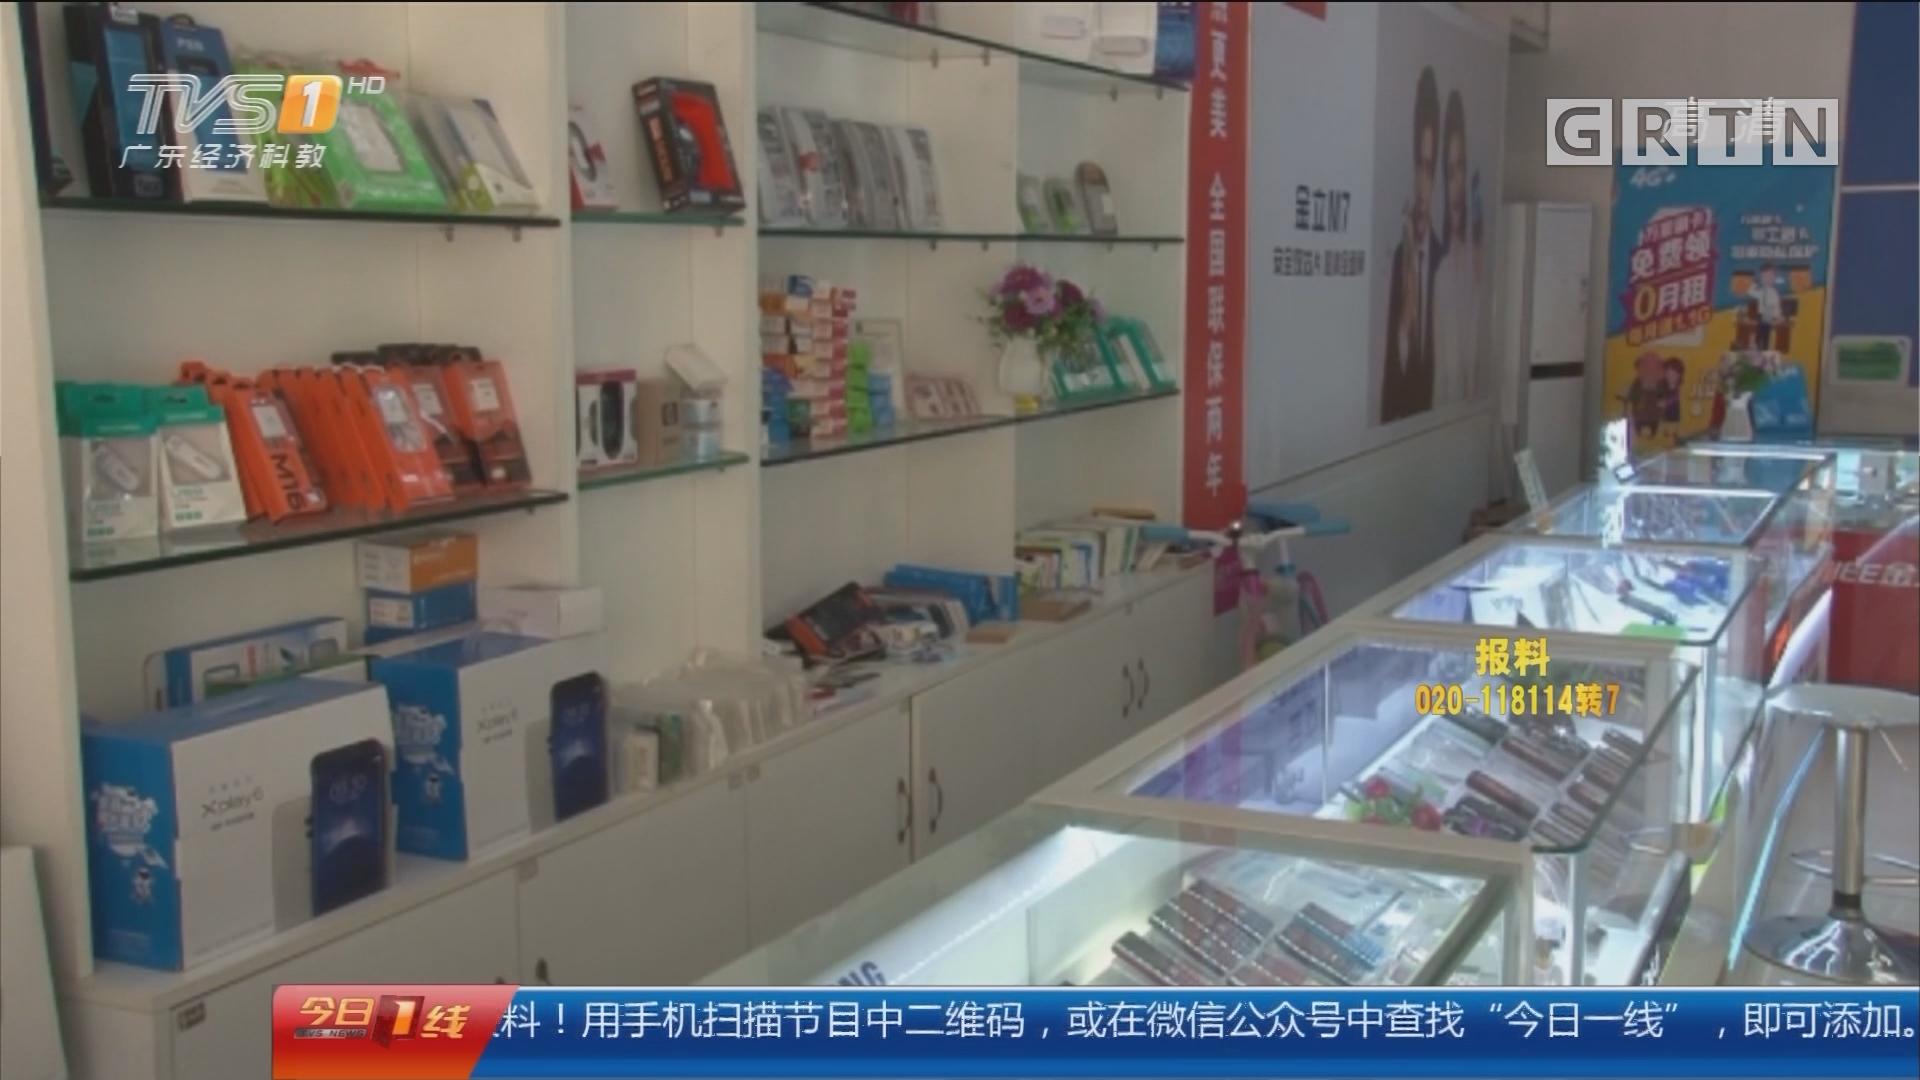 阳江阳春:三少年抢手机 背后有人操控!